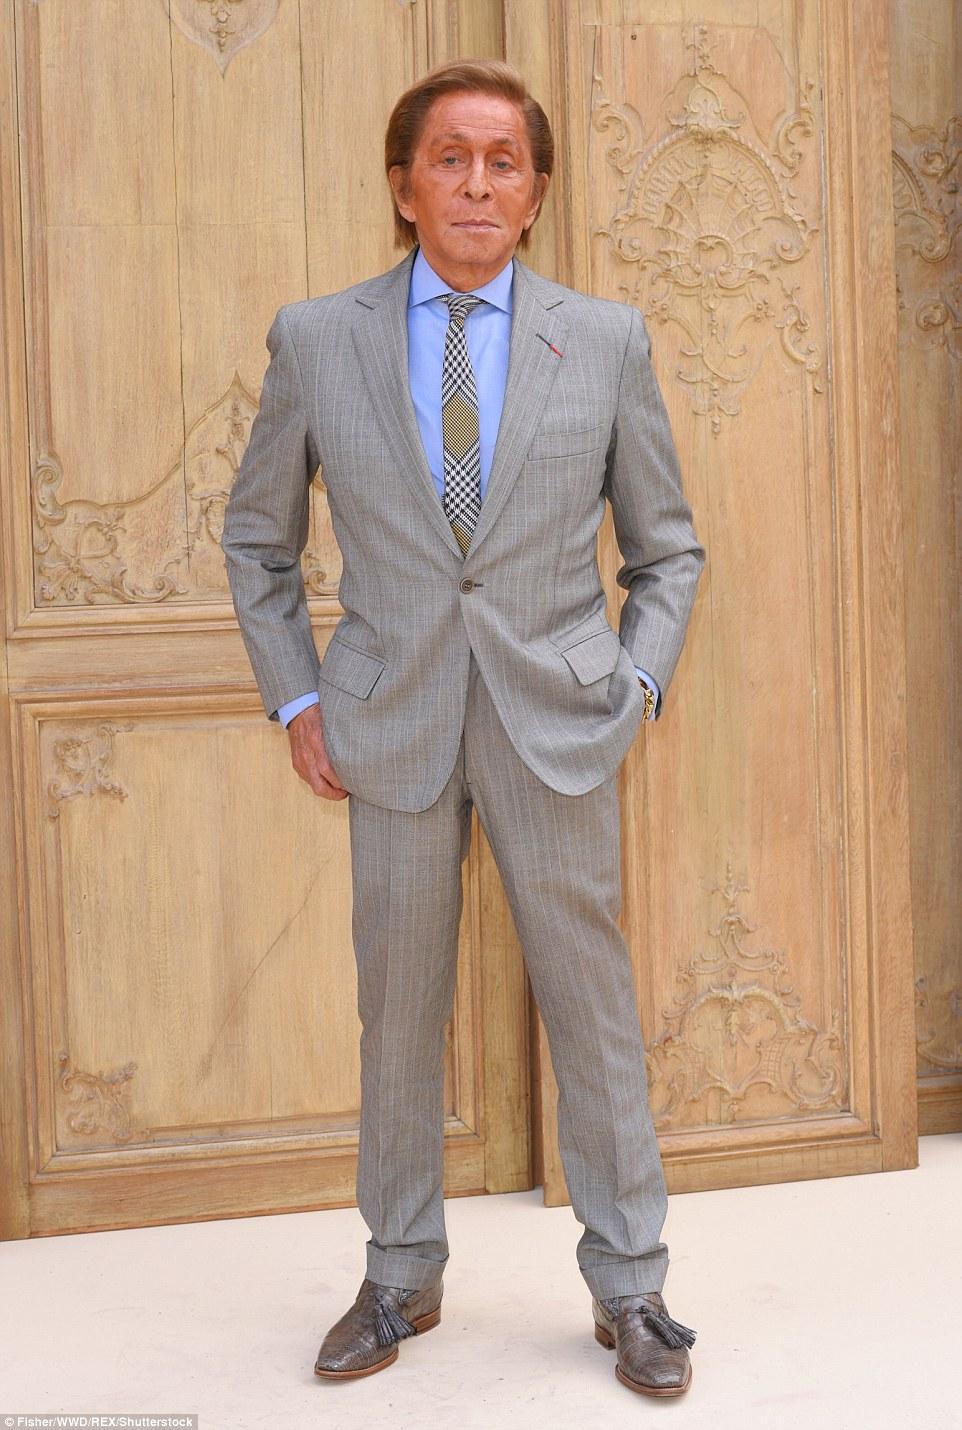 Homem do momento: Valentino Garavani parecia arrojado em um terno cinza com uma camisa azul e verificado laço junto com sapatos de pele de cobra tasselled